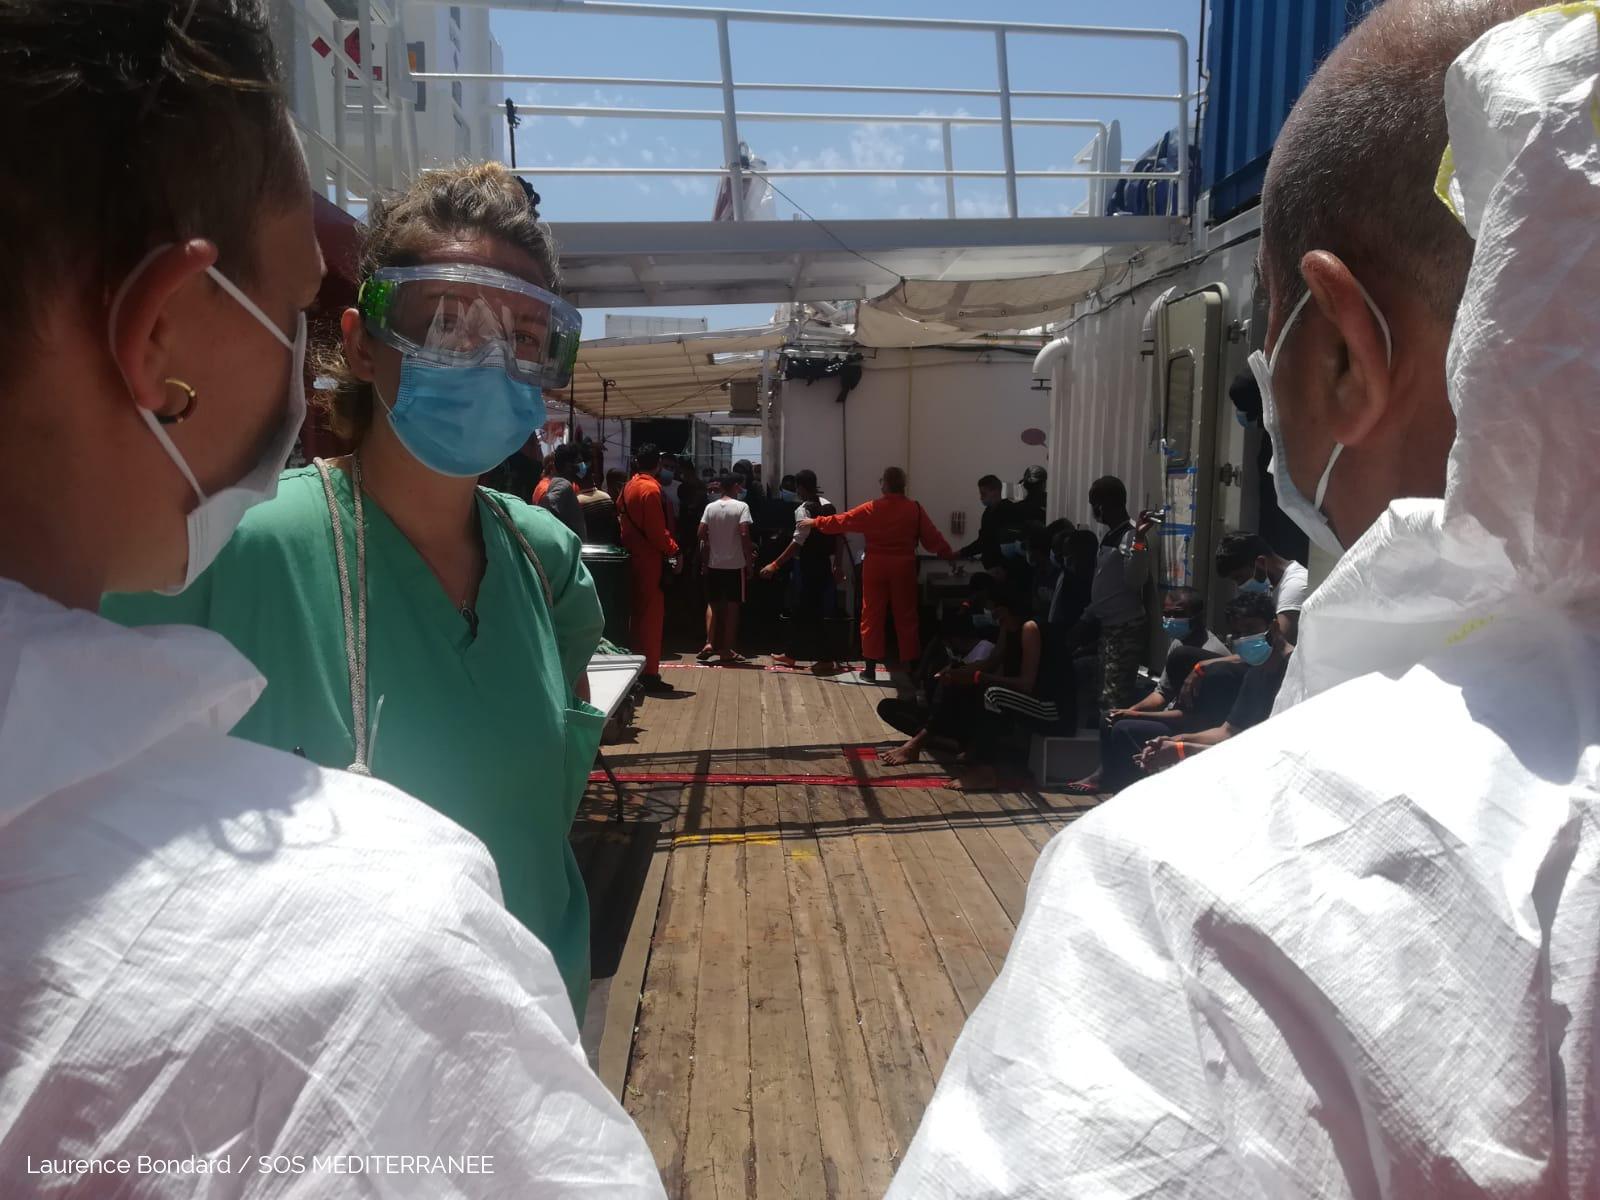 Ocean Viking, in giornata assegnazione porto: sulla nave arriva squadra medica italiana